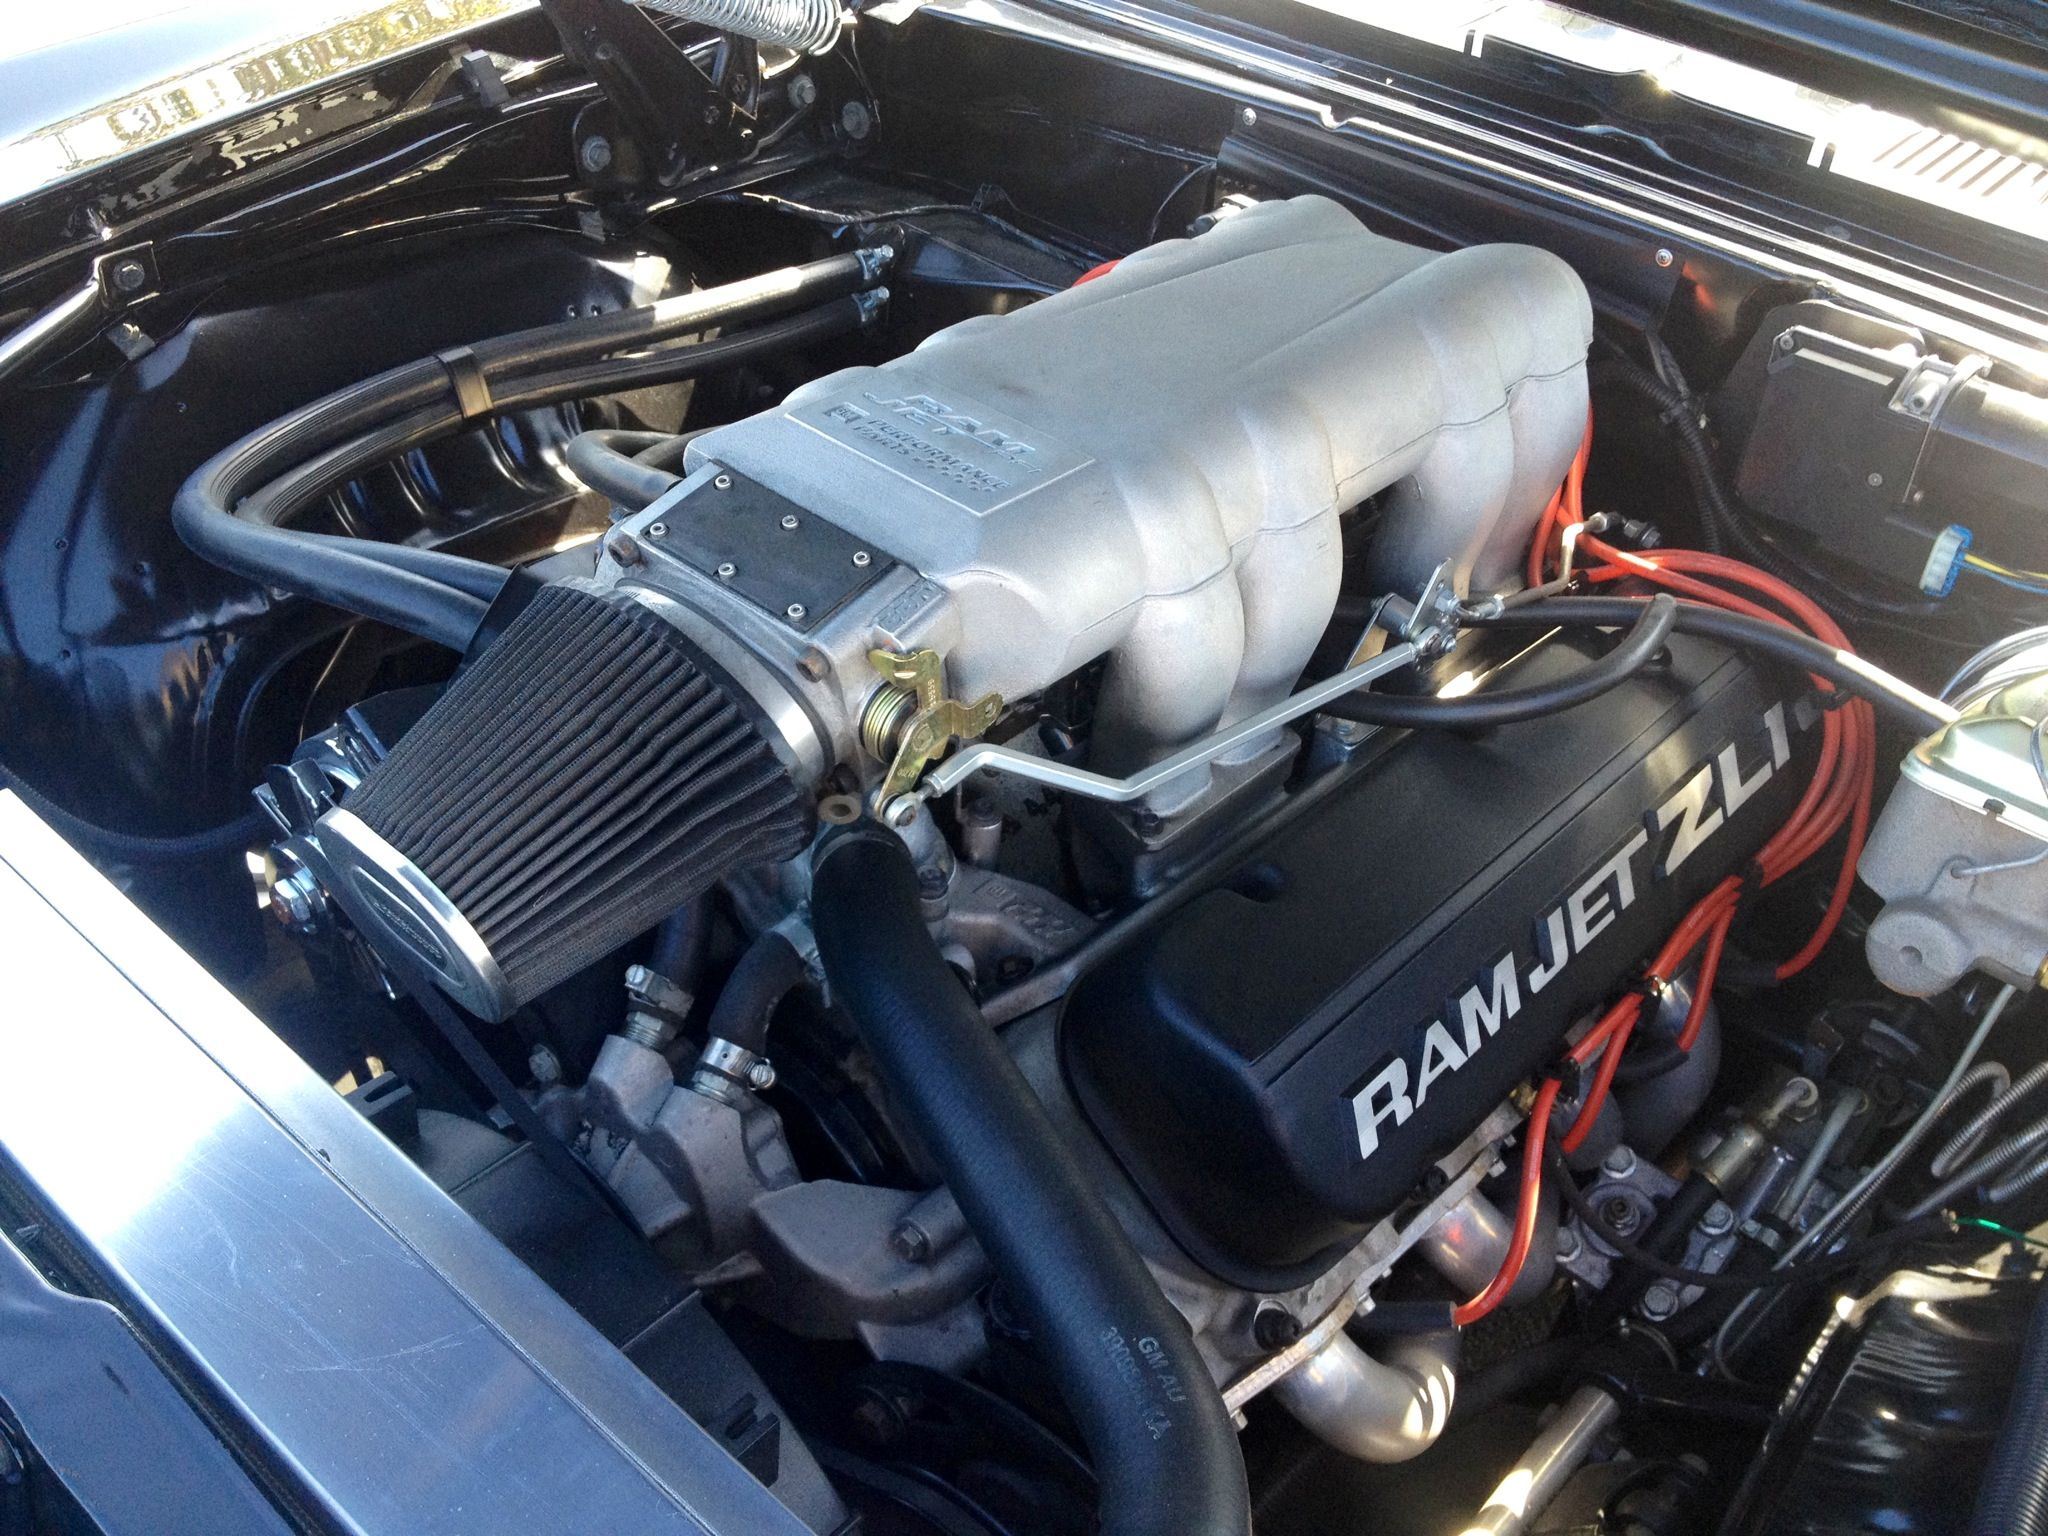 In a Camaro Z28